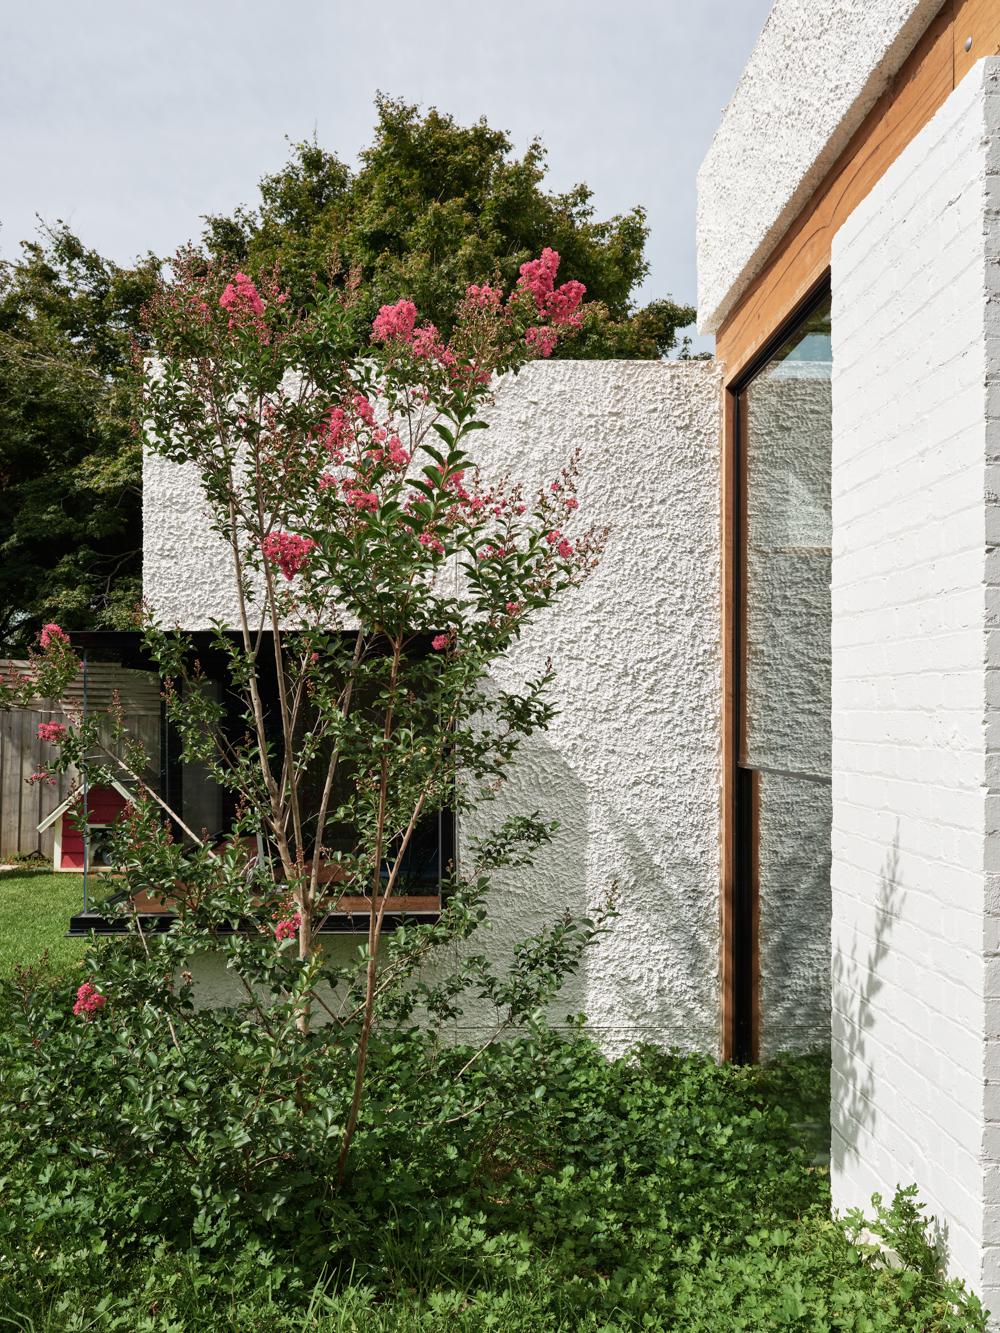 glen-iris-pleysier-perkins-architecture-the-design-emotive-04.jpg